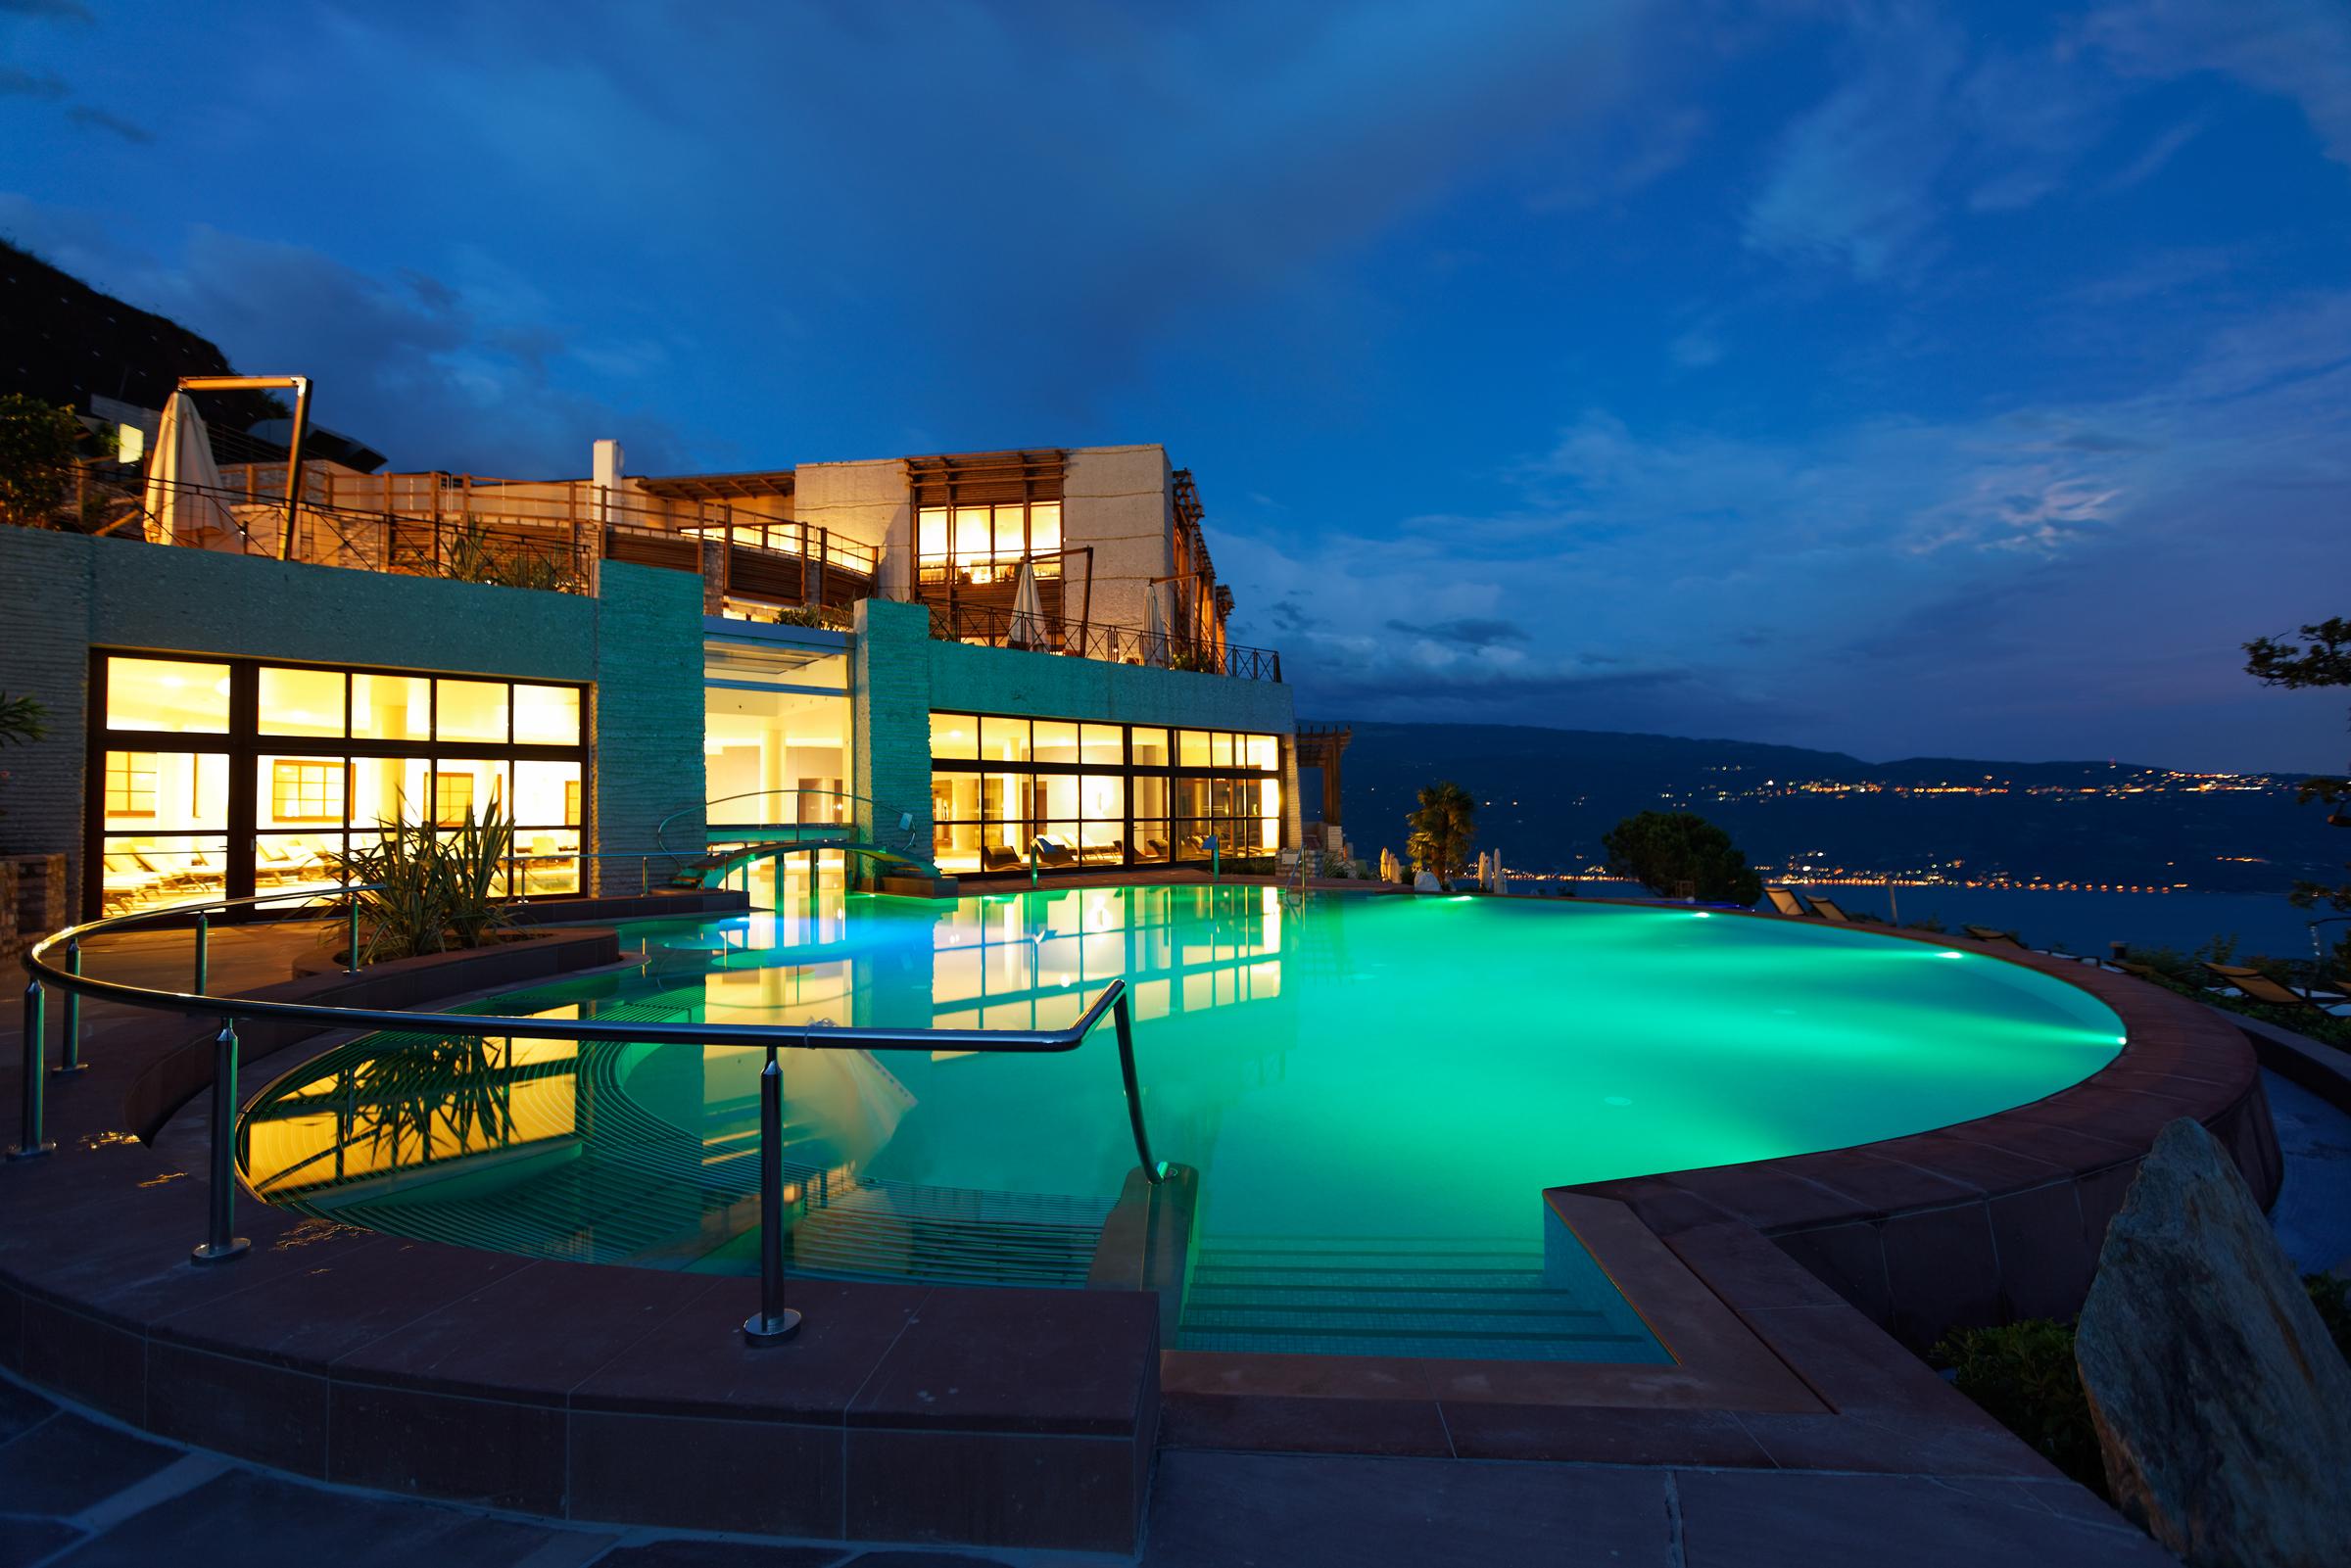 lefay-resort-spa-lago-di-garda-1